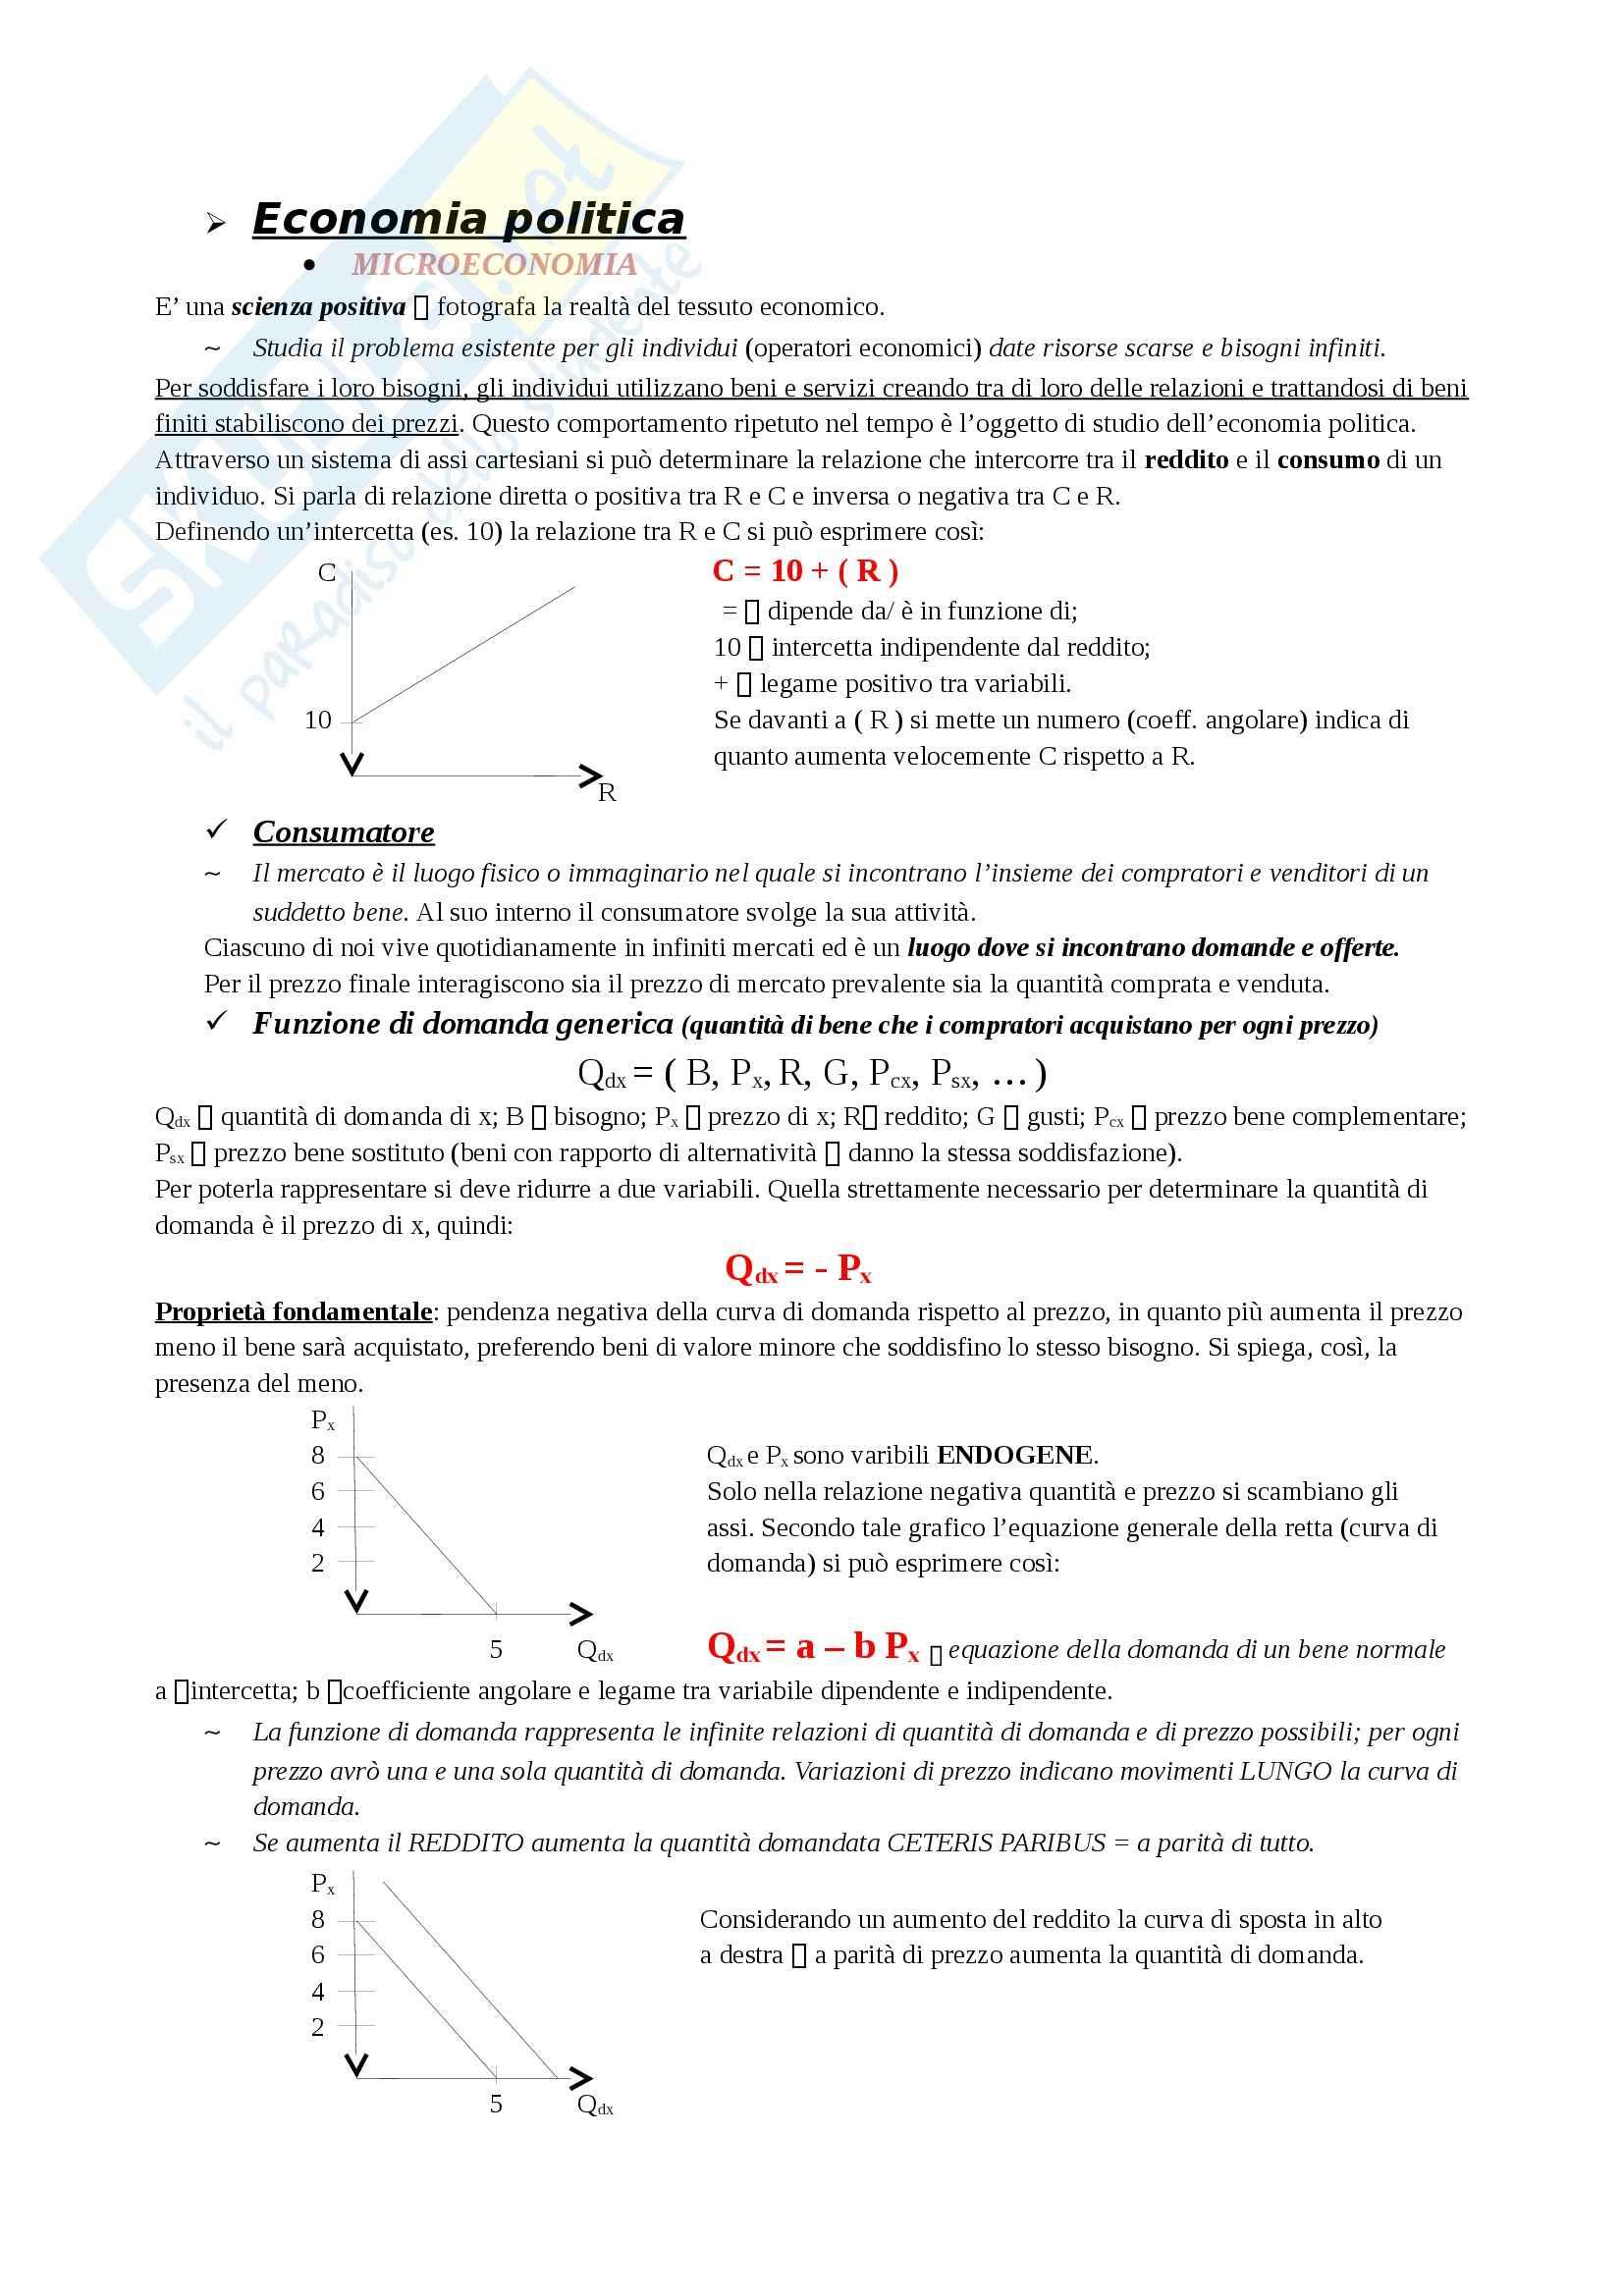 Economia politica - Microeconomia